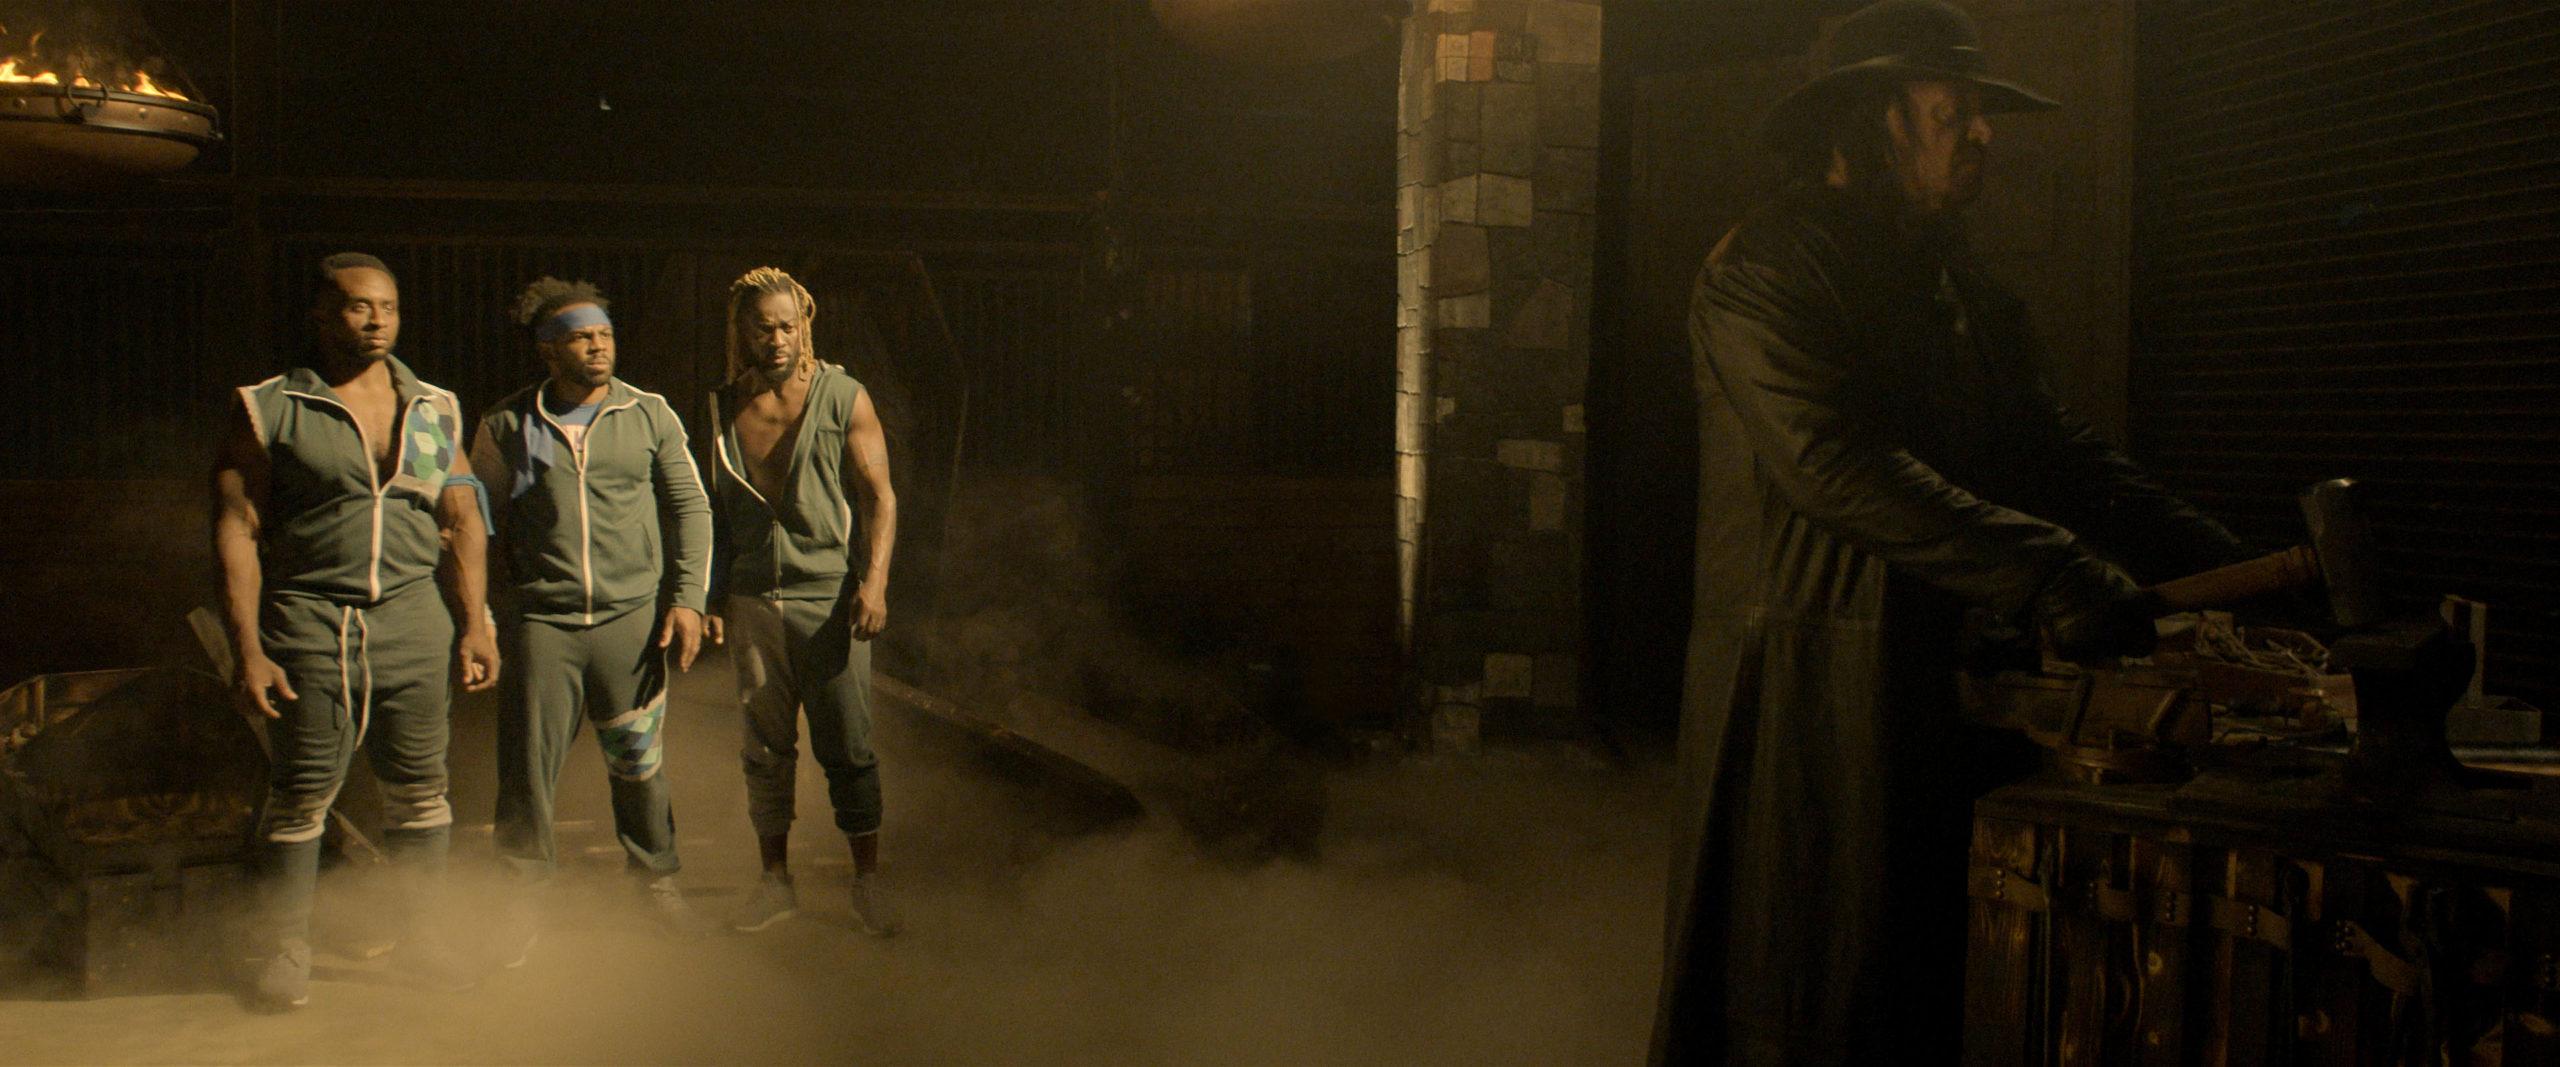 Big E, Xavier Woods e Kofi Kingston vão encarar o Undertaker em novo filme interativo de terror